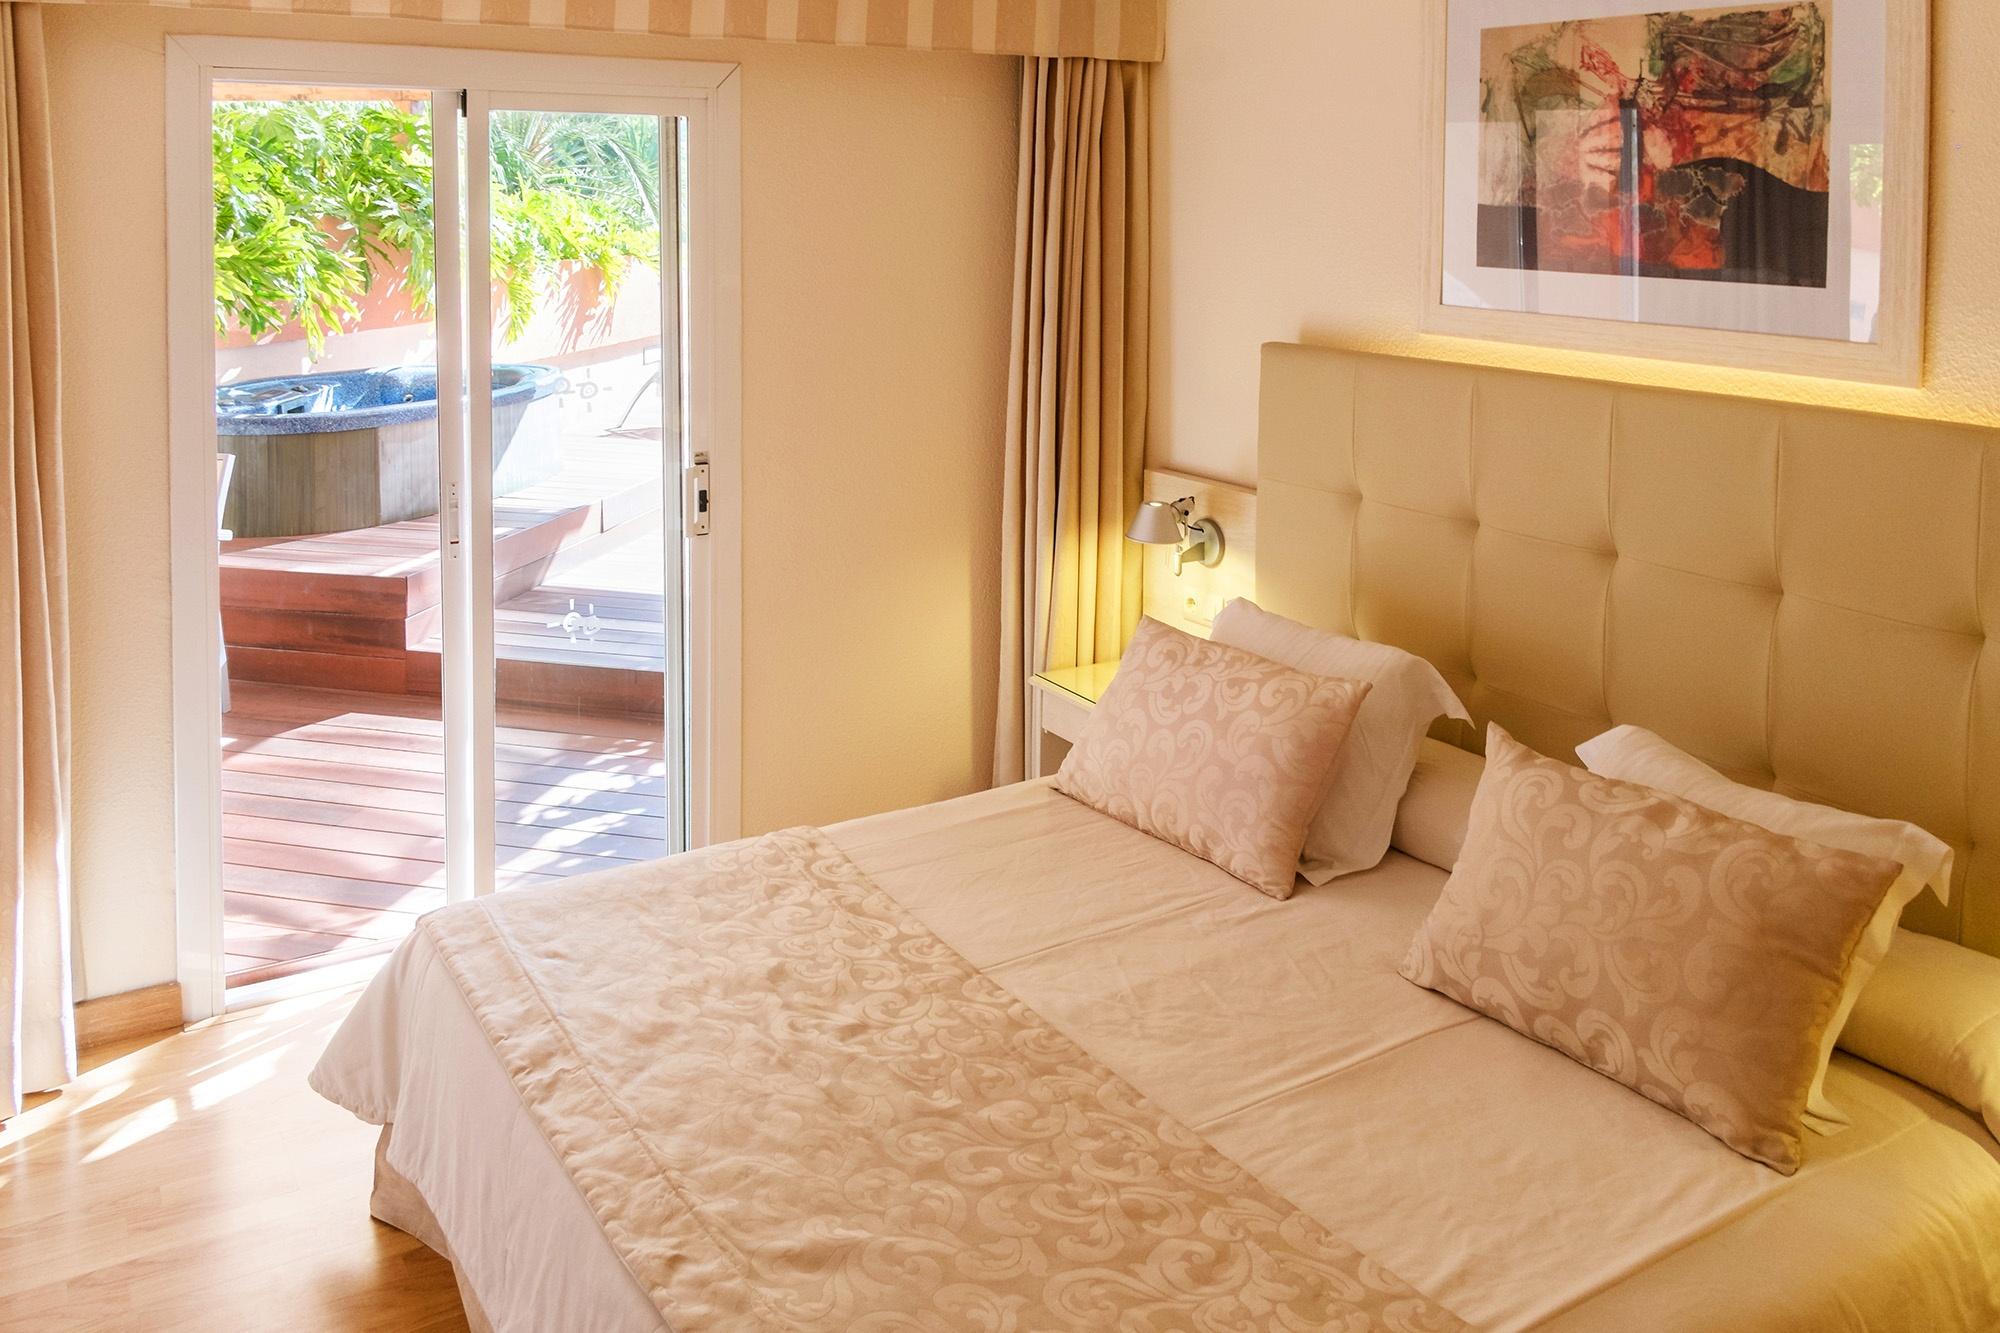 royal terrace apartment first floor viva sunrise4.jpg